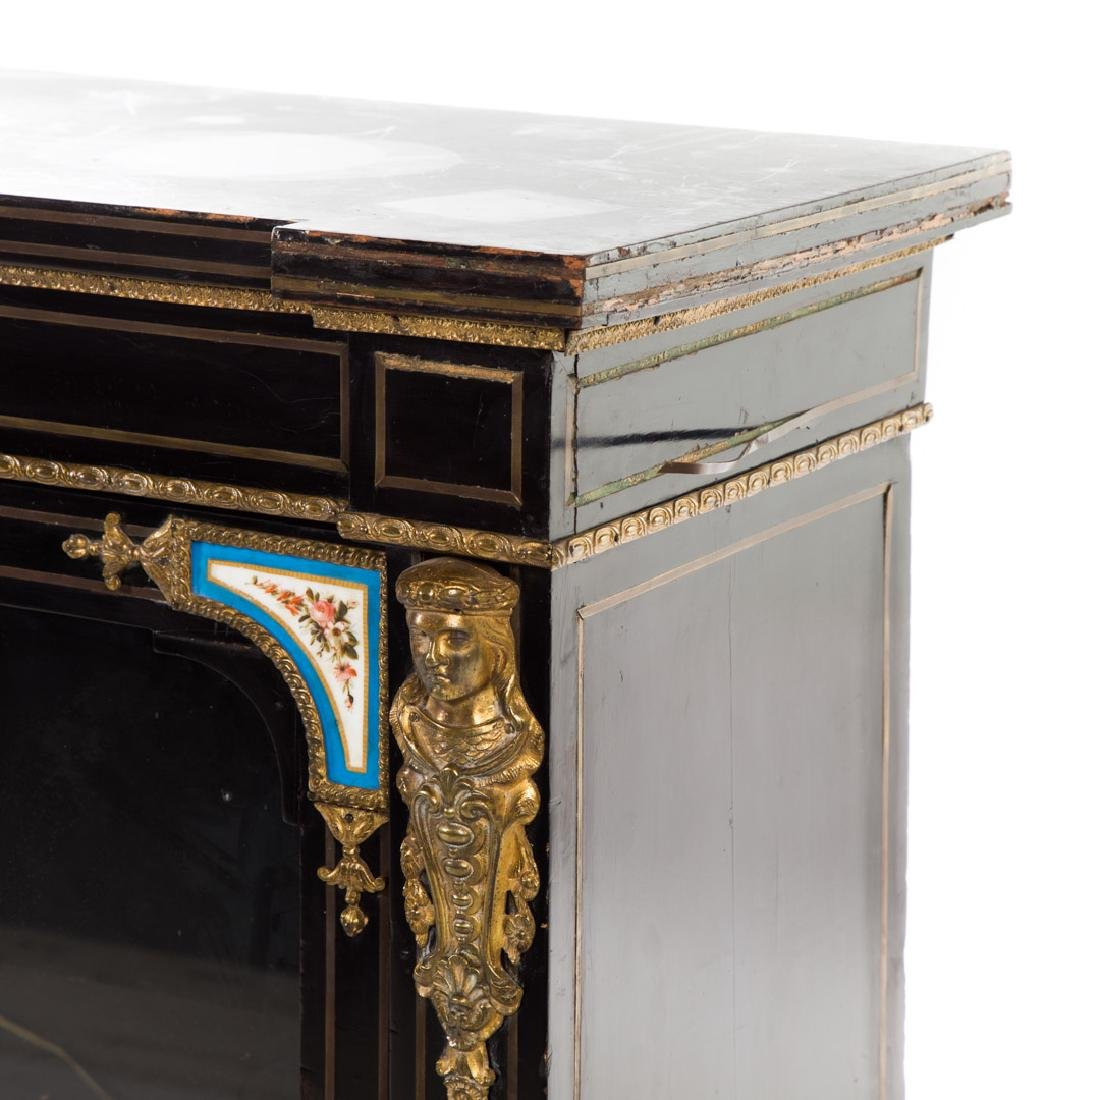 Napoleon III ebonized wood bibliotheque - 6